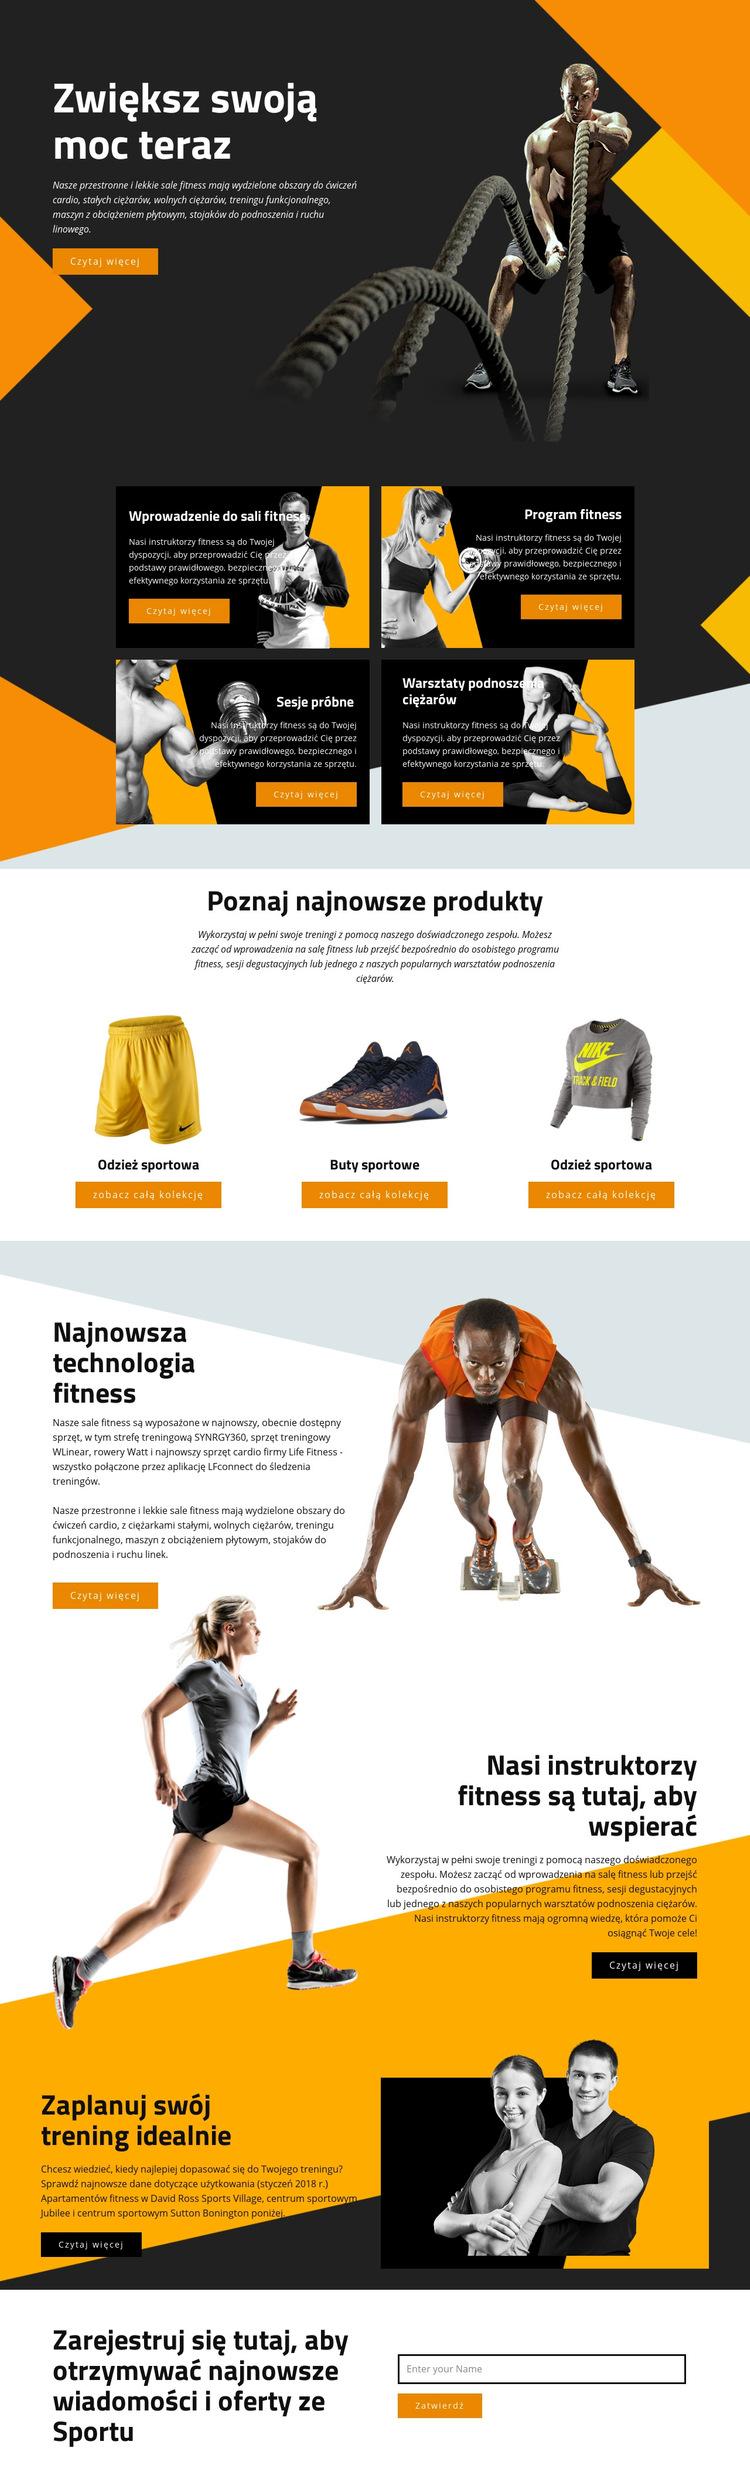 Zwiększ swoją moc dzięki sportom Szablon witryny sieci Web